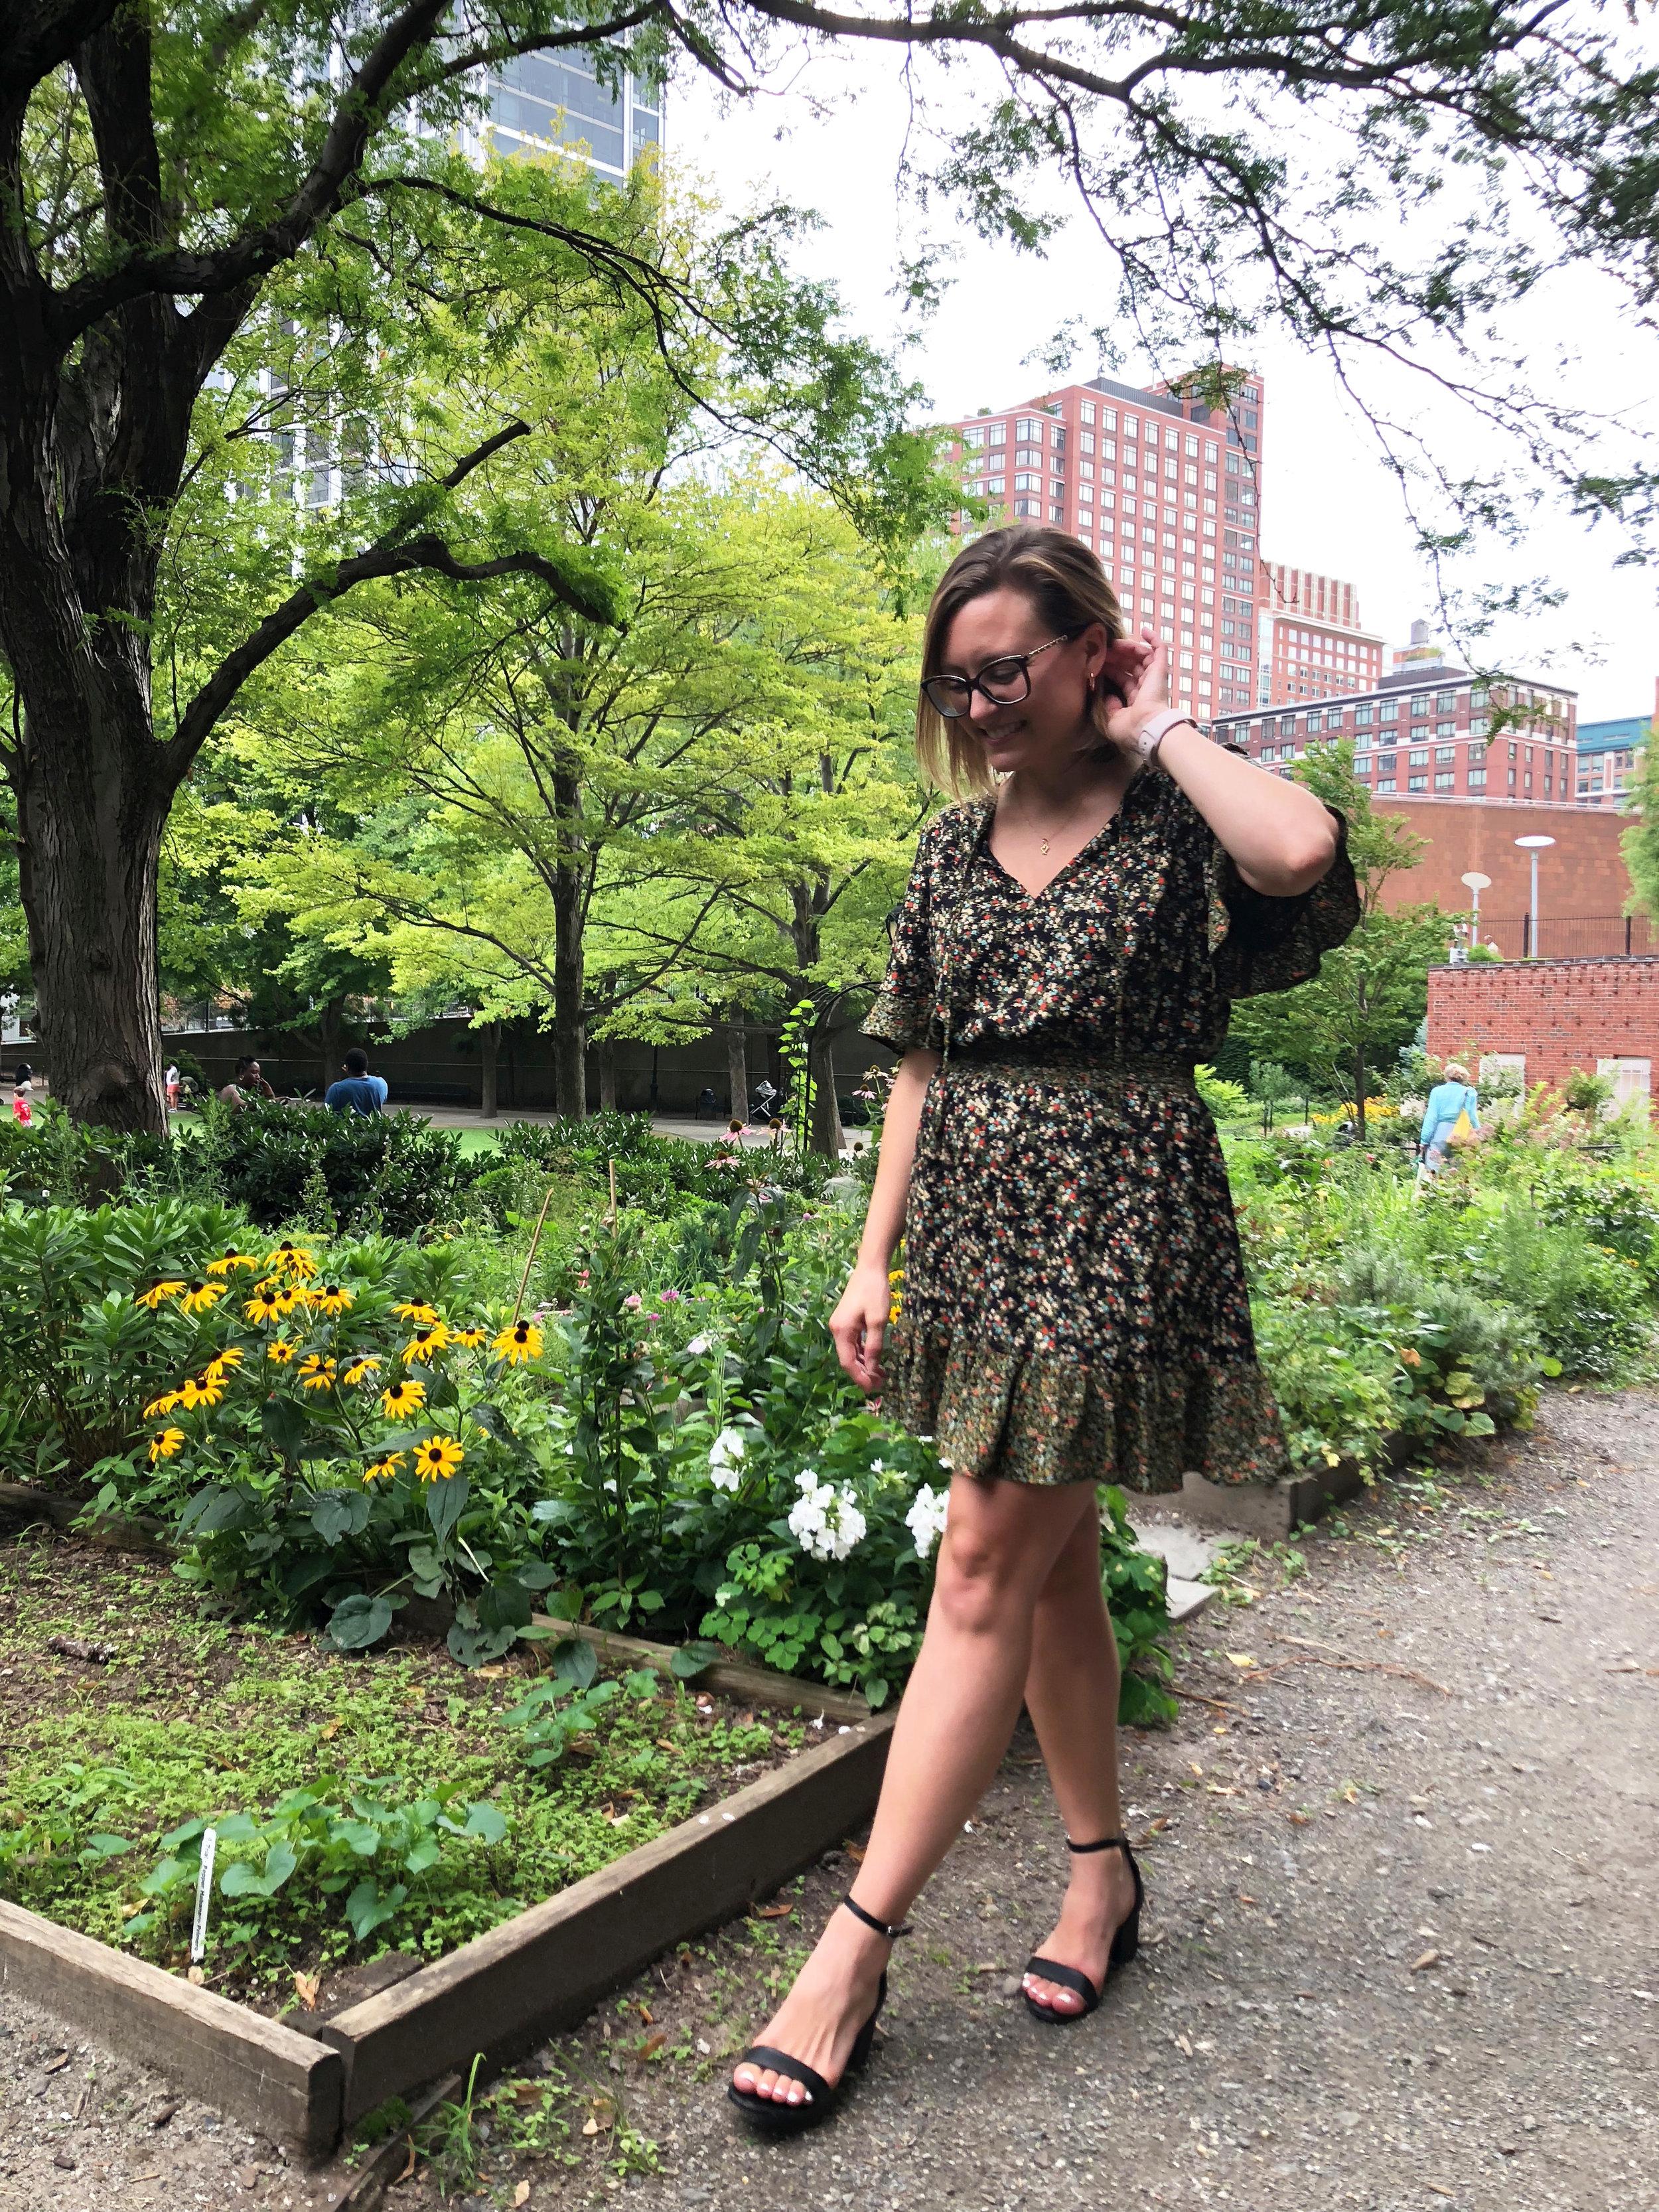 corri zara floral dress.jpg